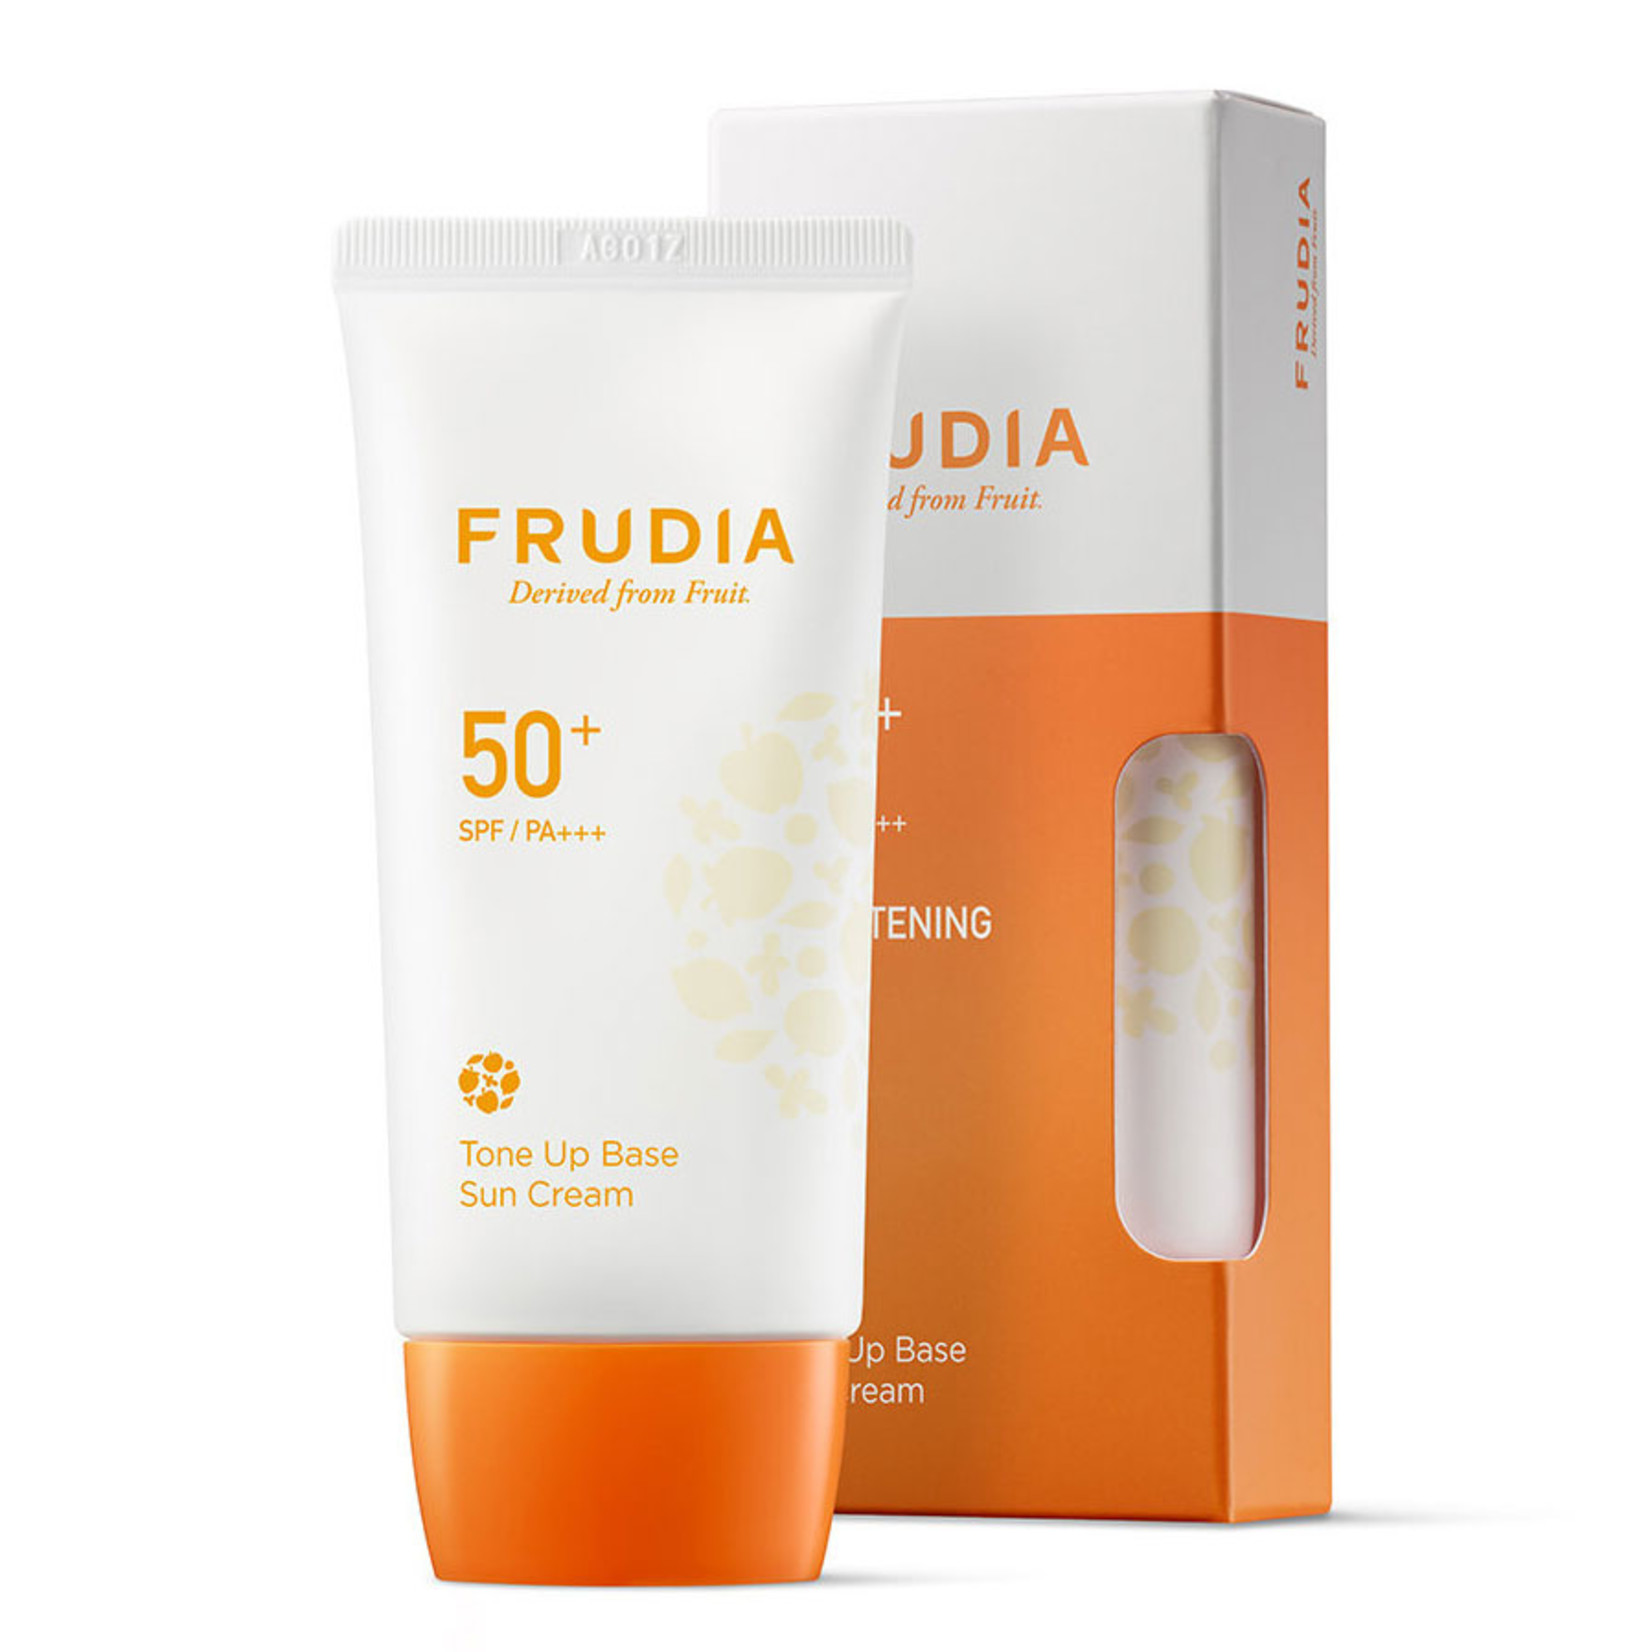 Frudia Tone Up Base Sun Cream